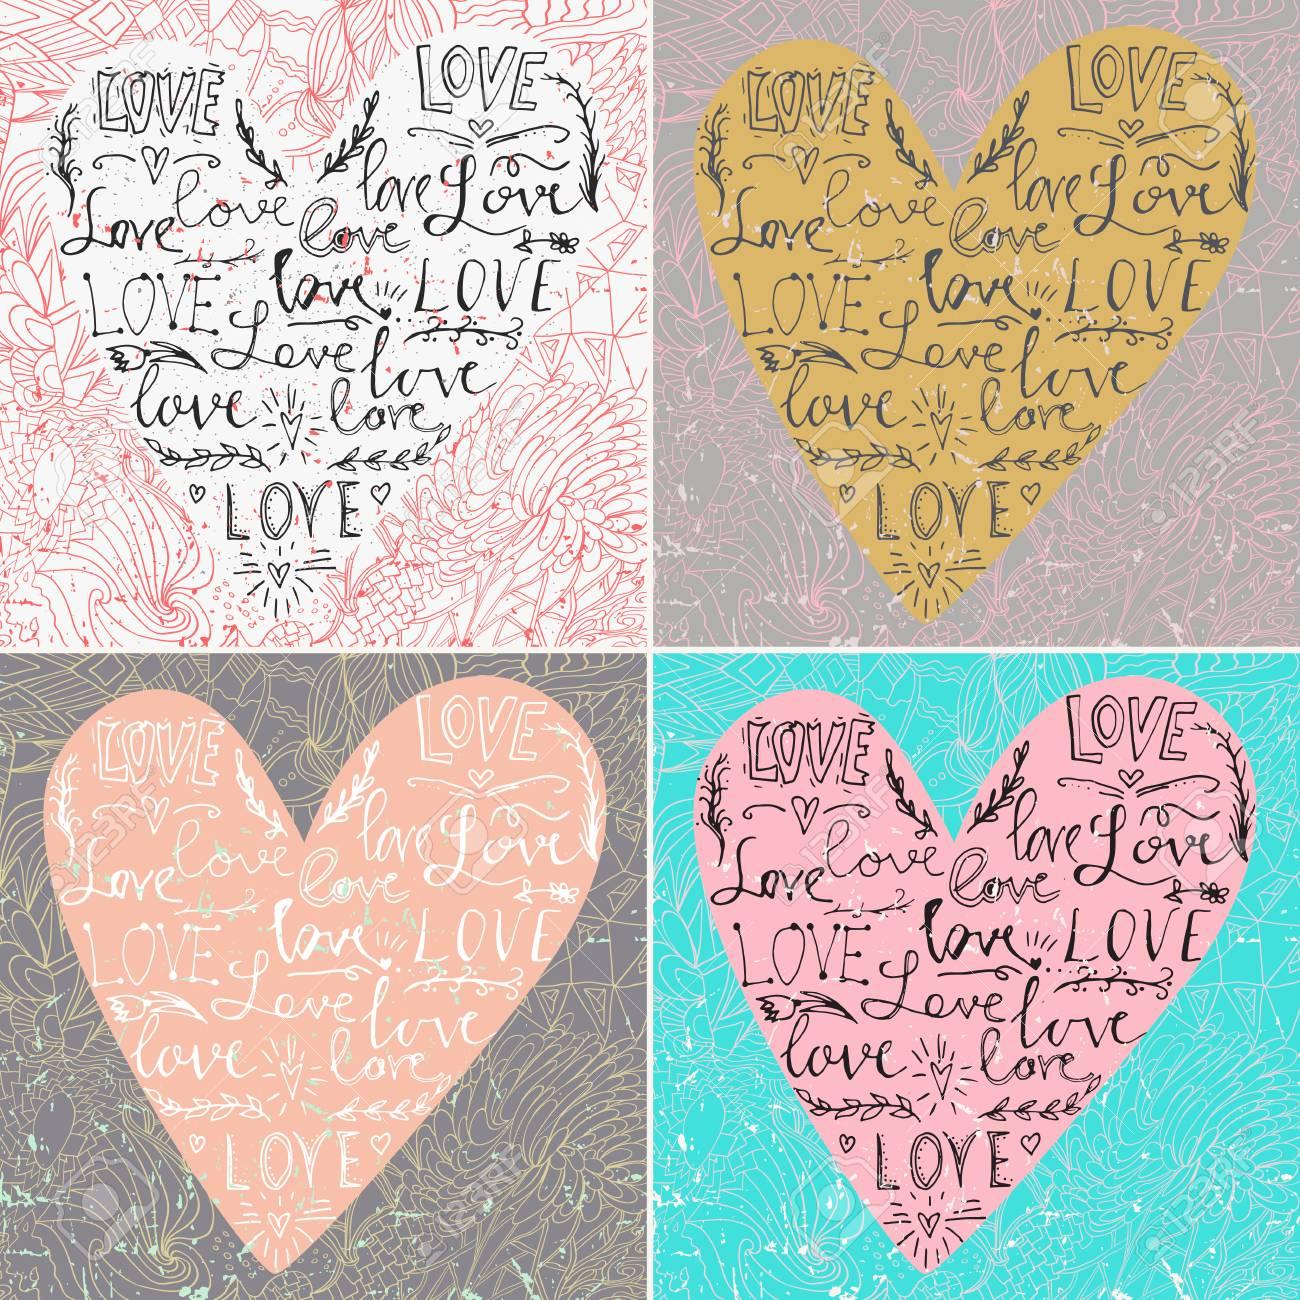 Tarjeta De San Valentin Con Corazon De Linea Y Frase De Amor